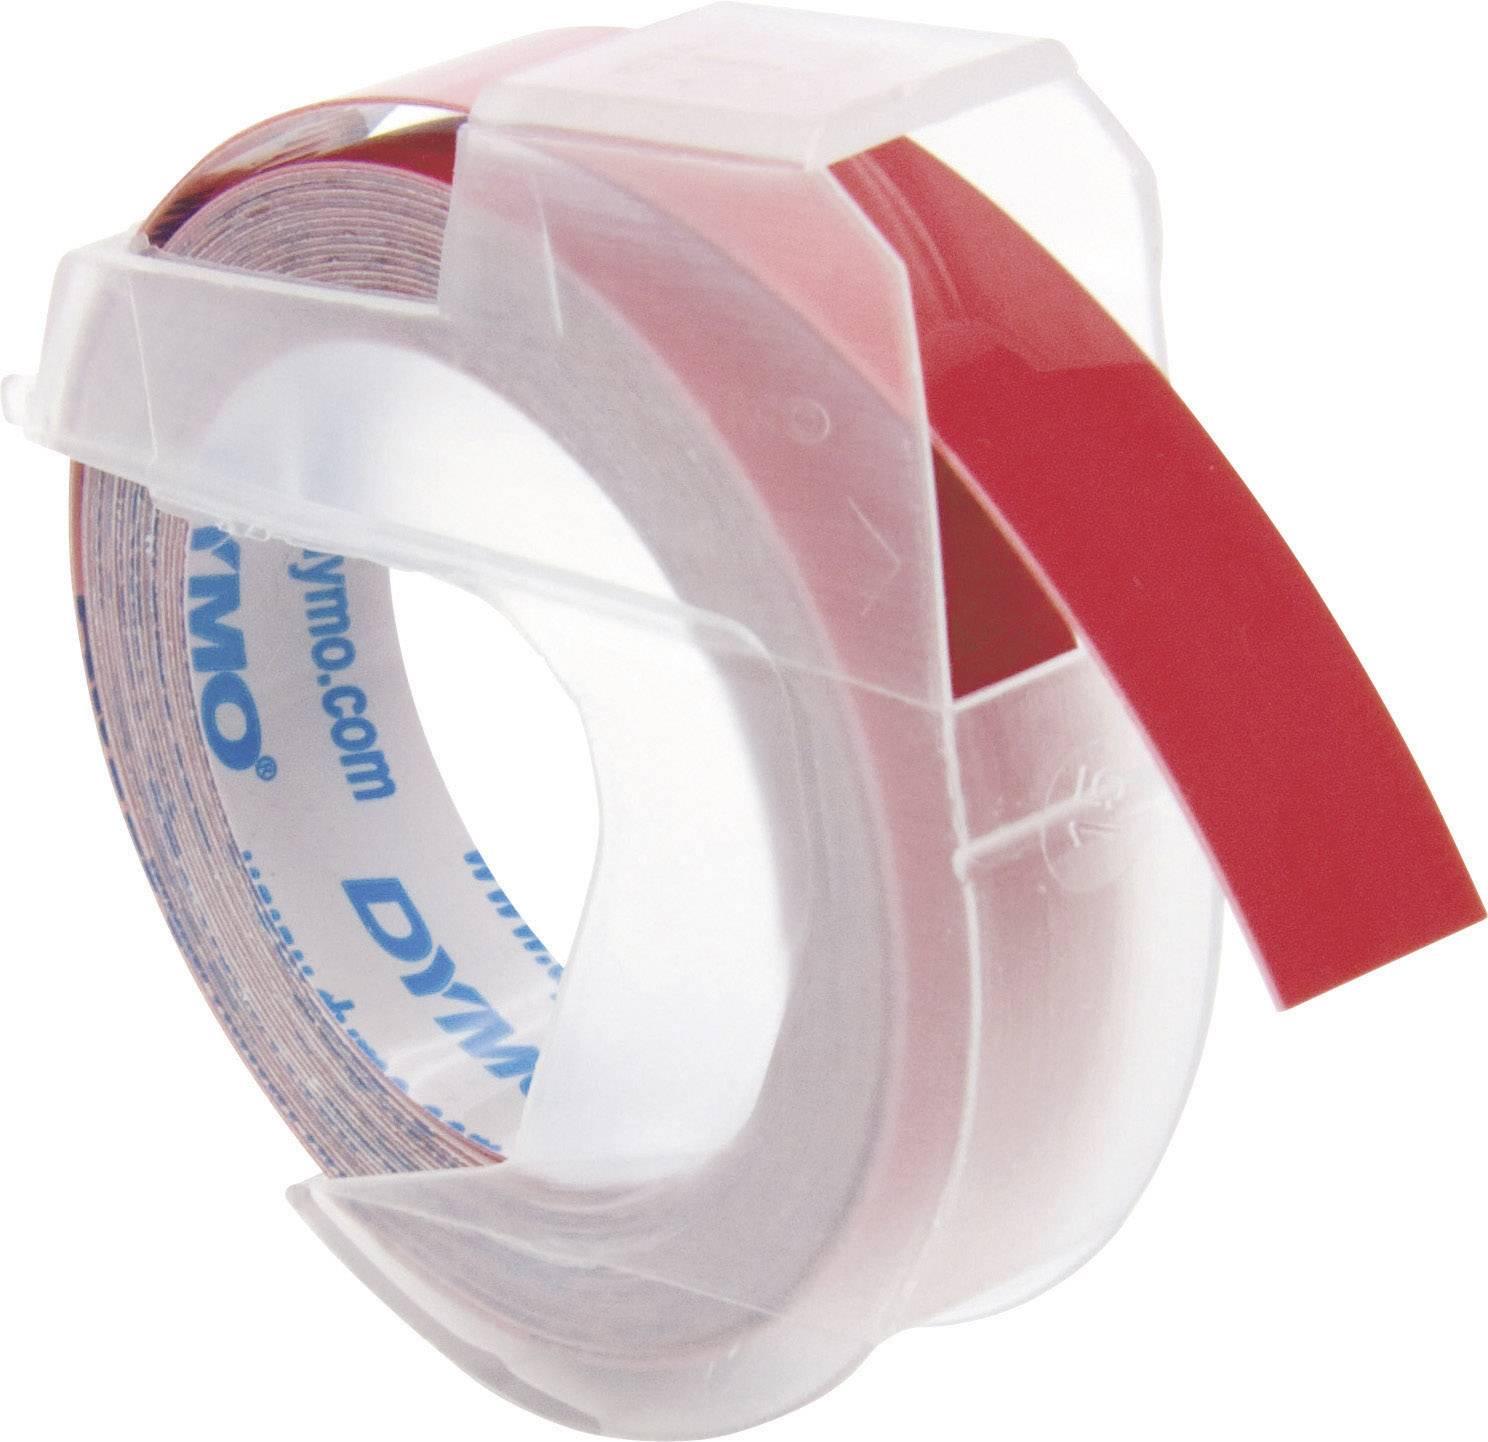 Páska do štítkovača DYMO S0898150, 9 mm, 3 m, biela, červená